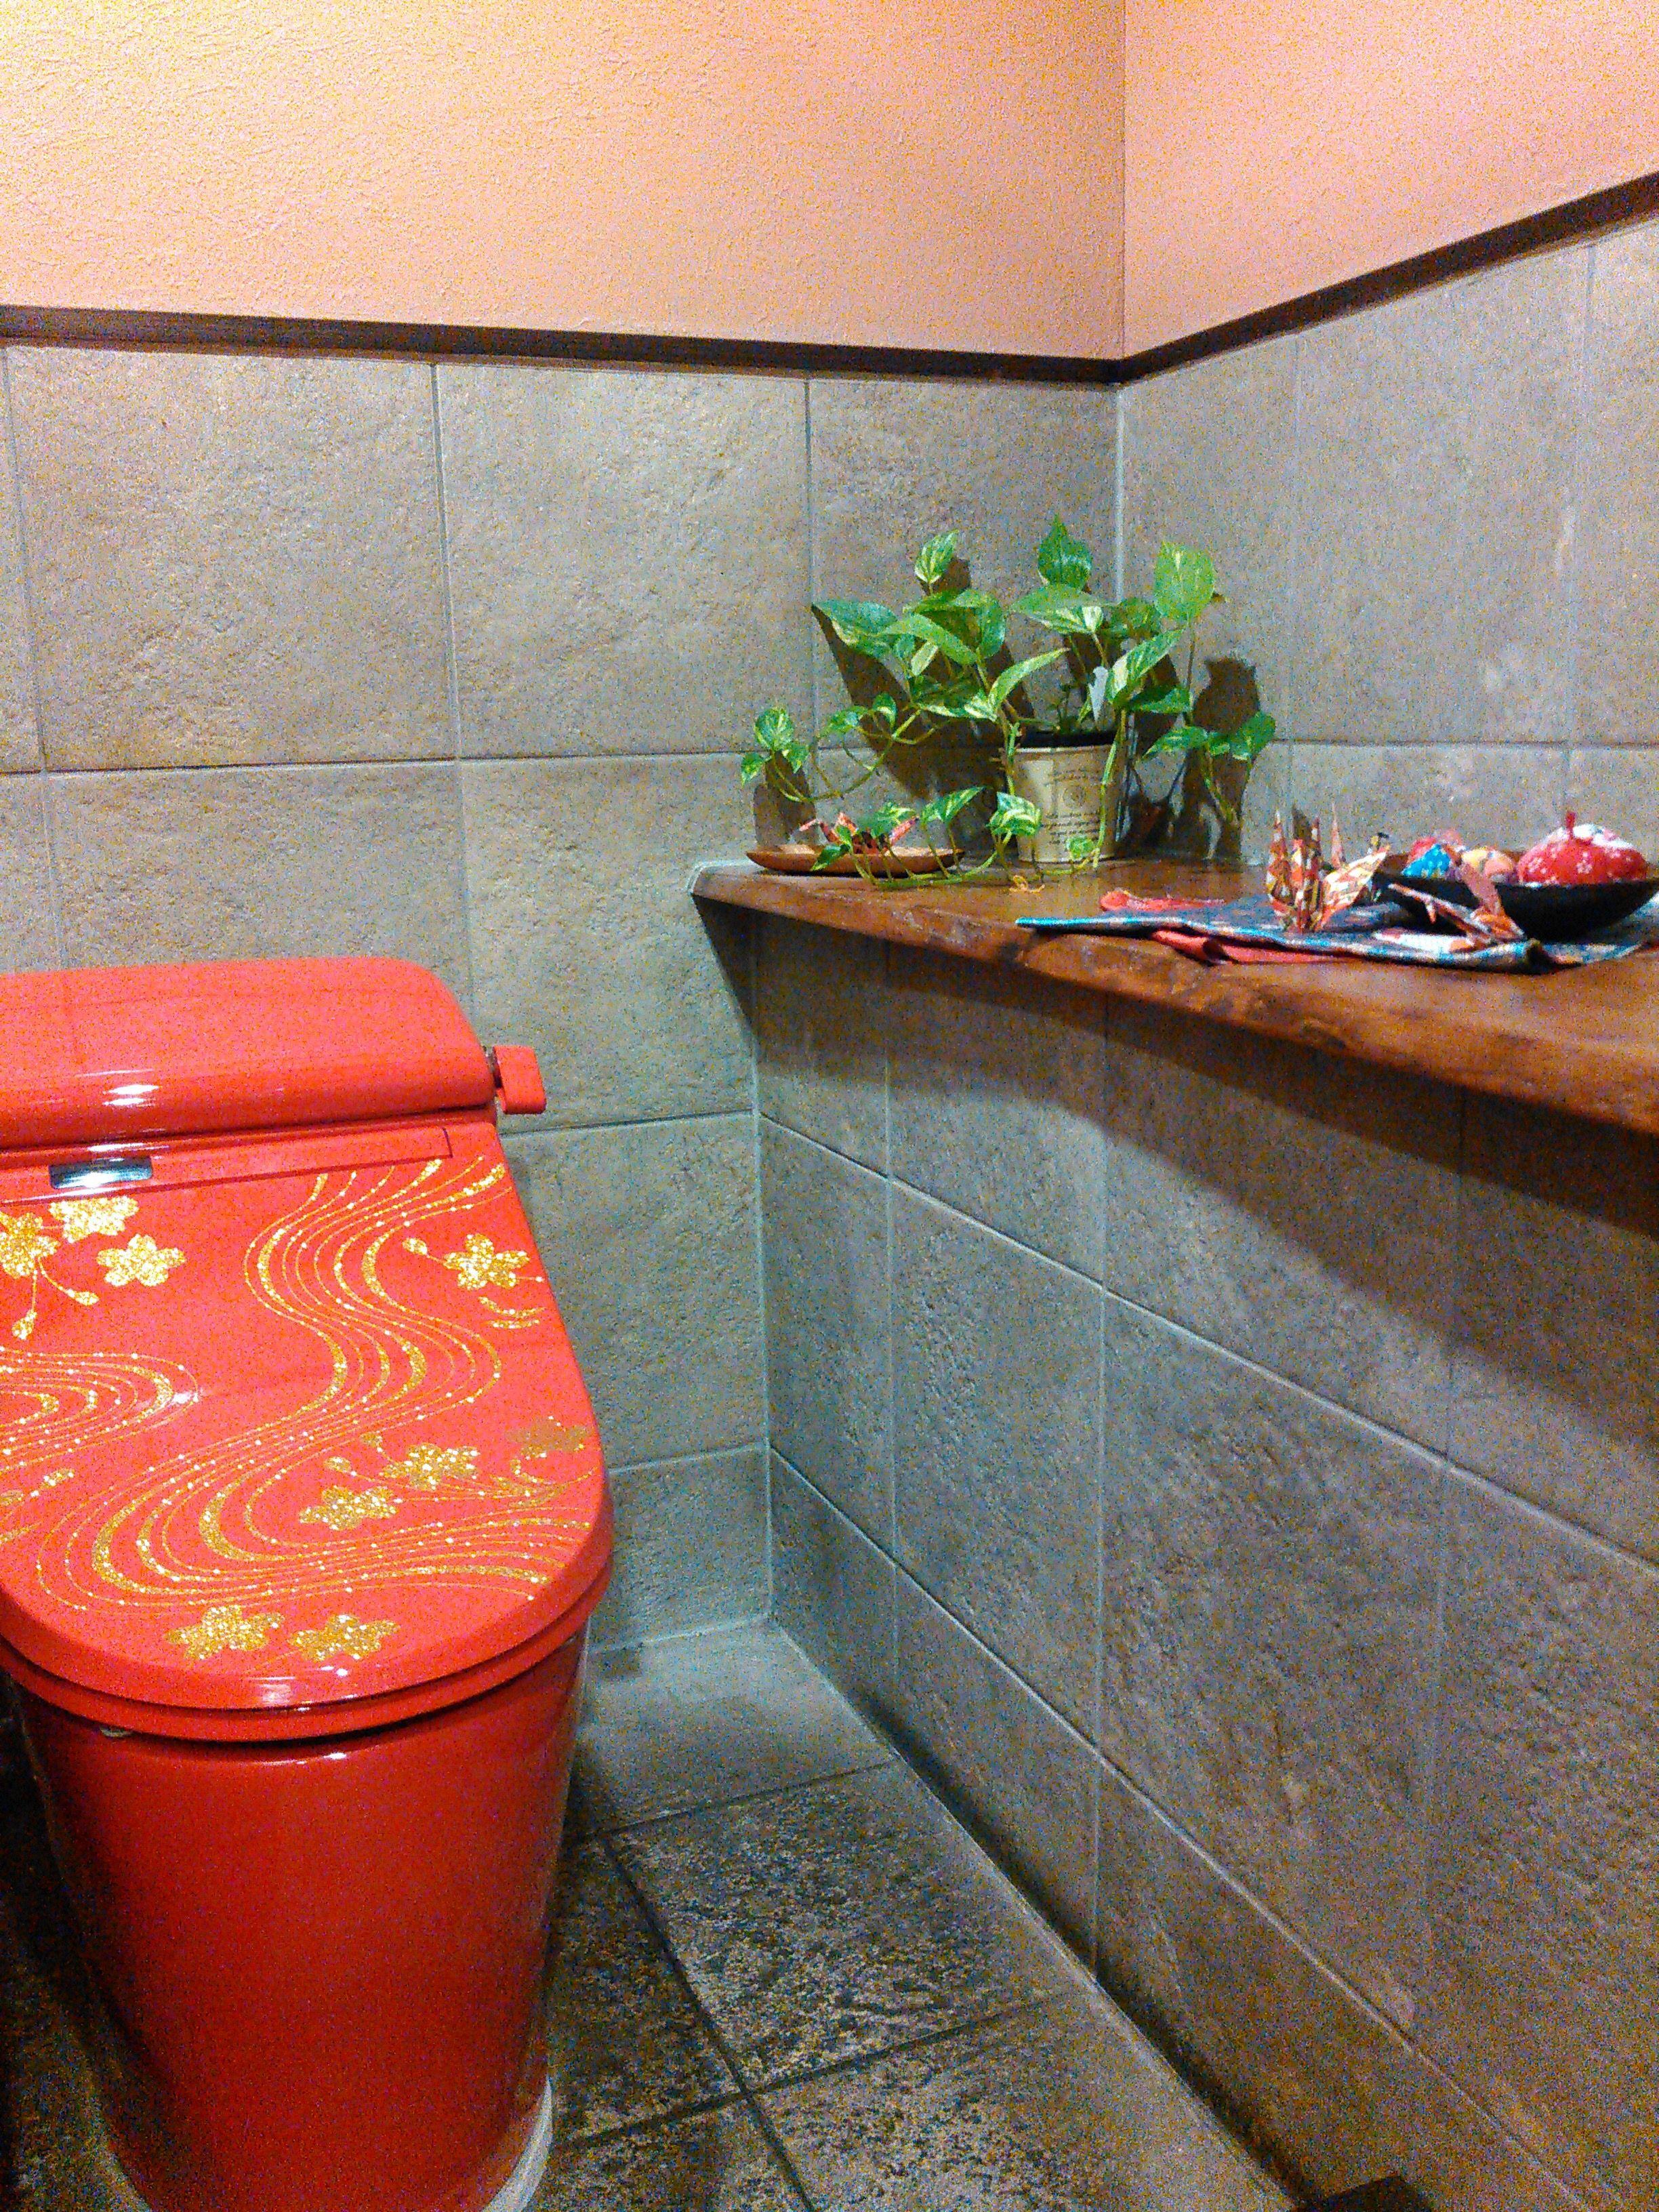 BIDOCORO 納入事例 宇都宮 海鮮飲食店 海蔵県庁前店様に 朱赤の行